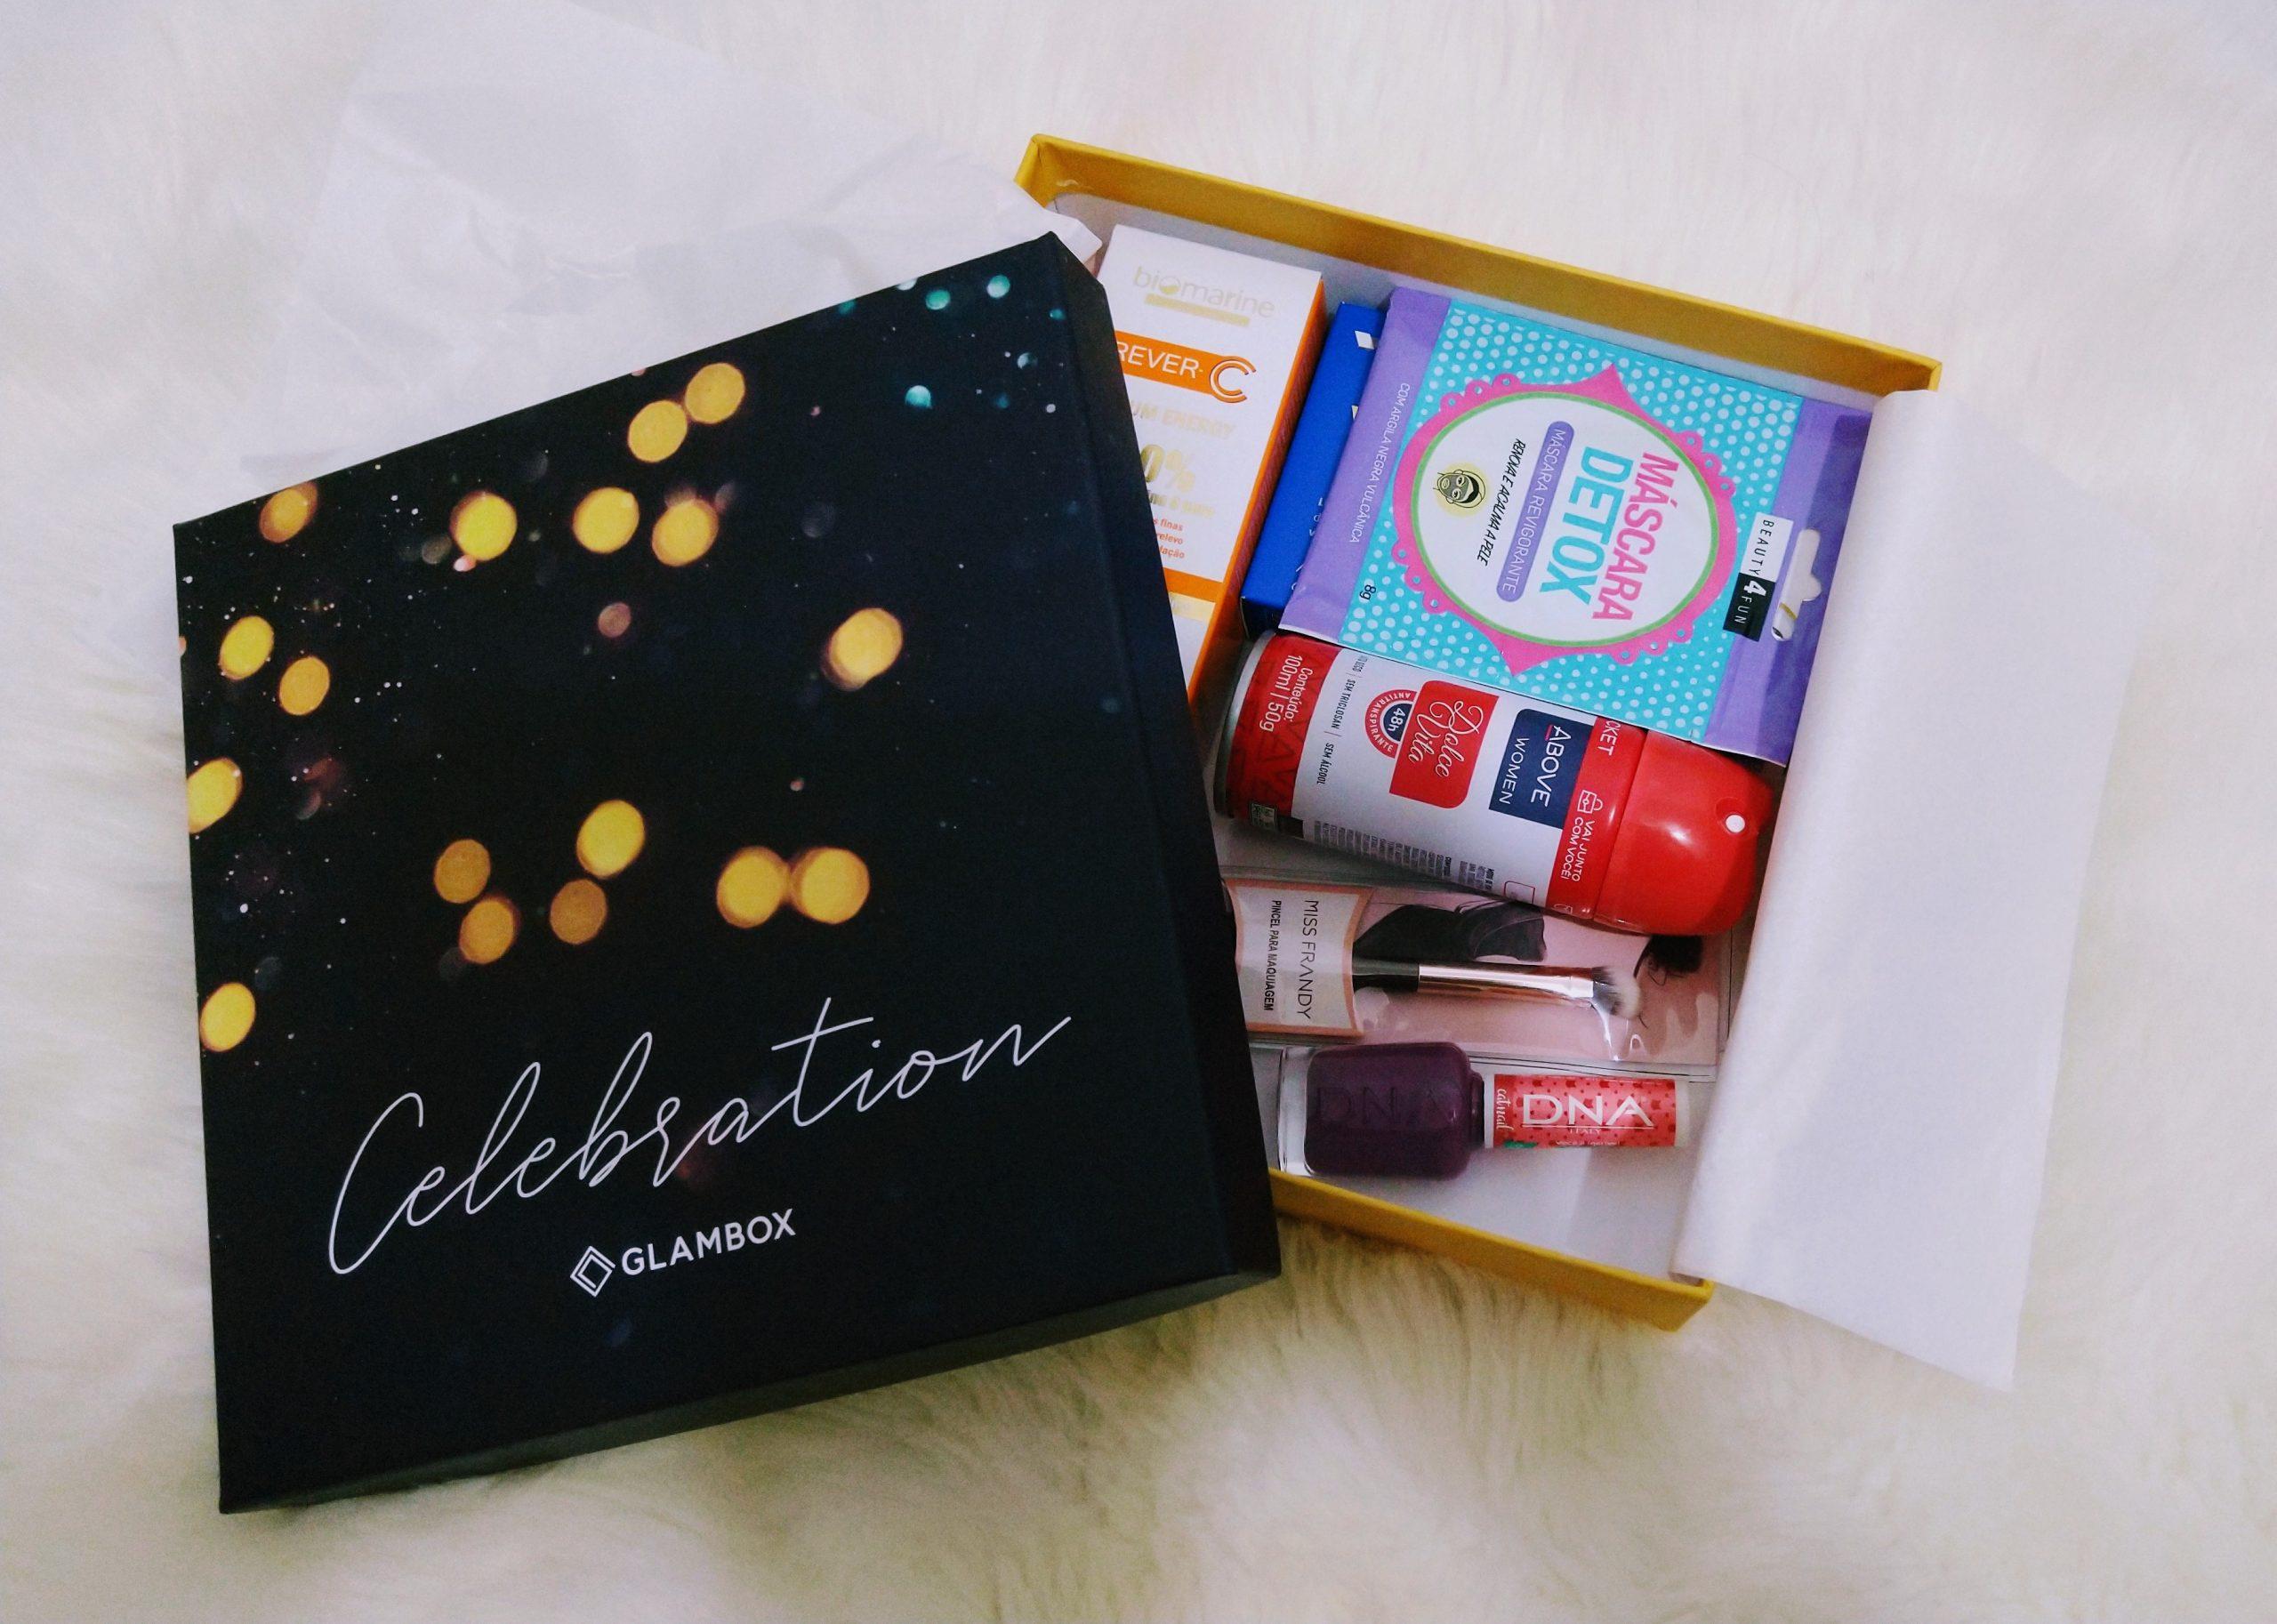 Glambox Celebration